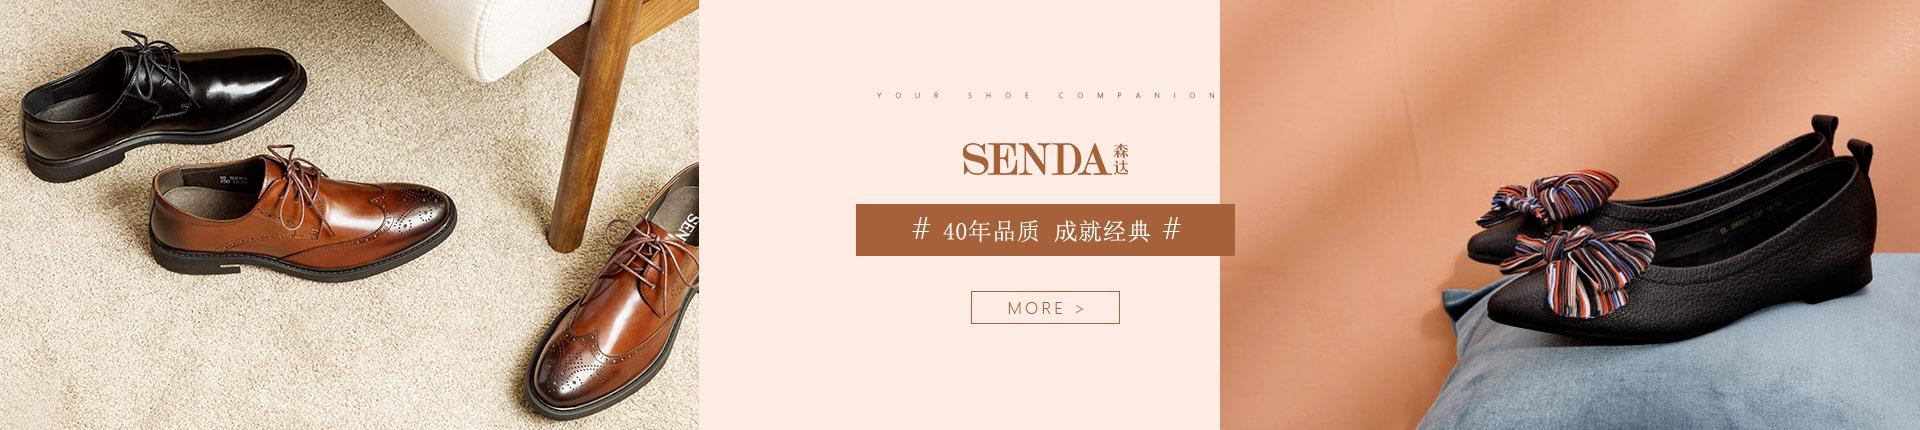 森达官方网站